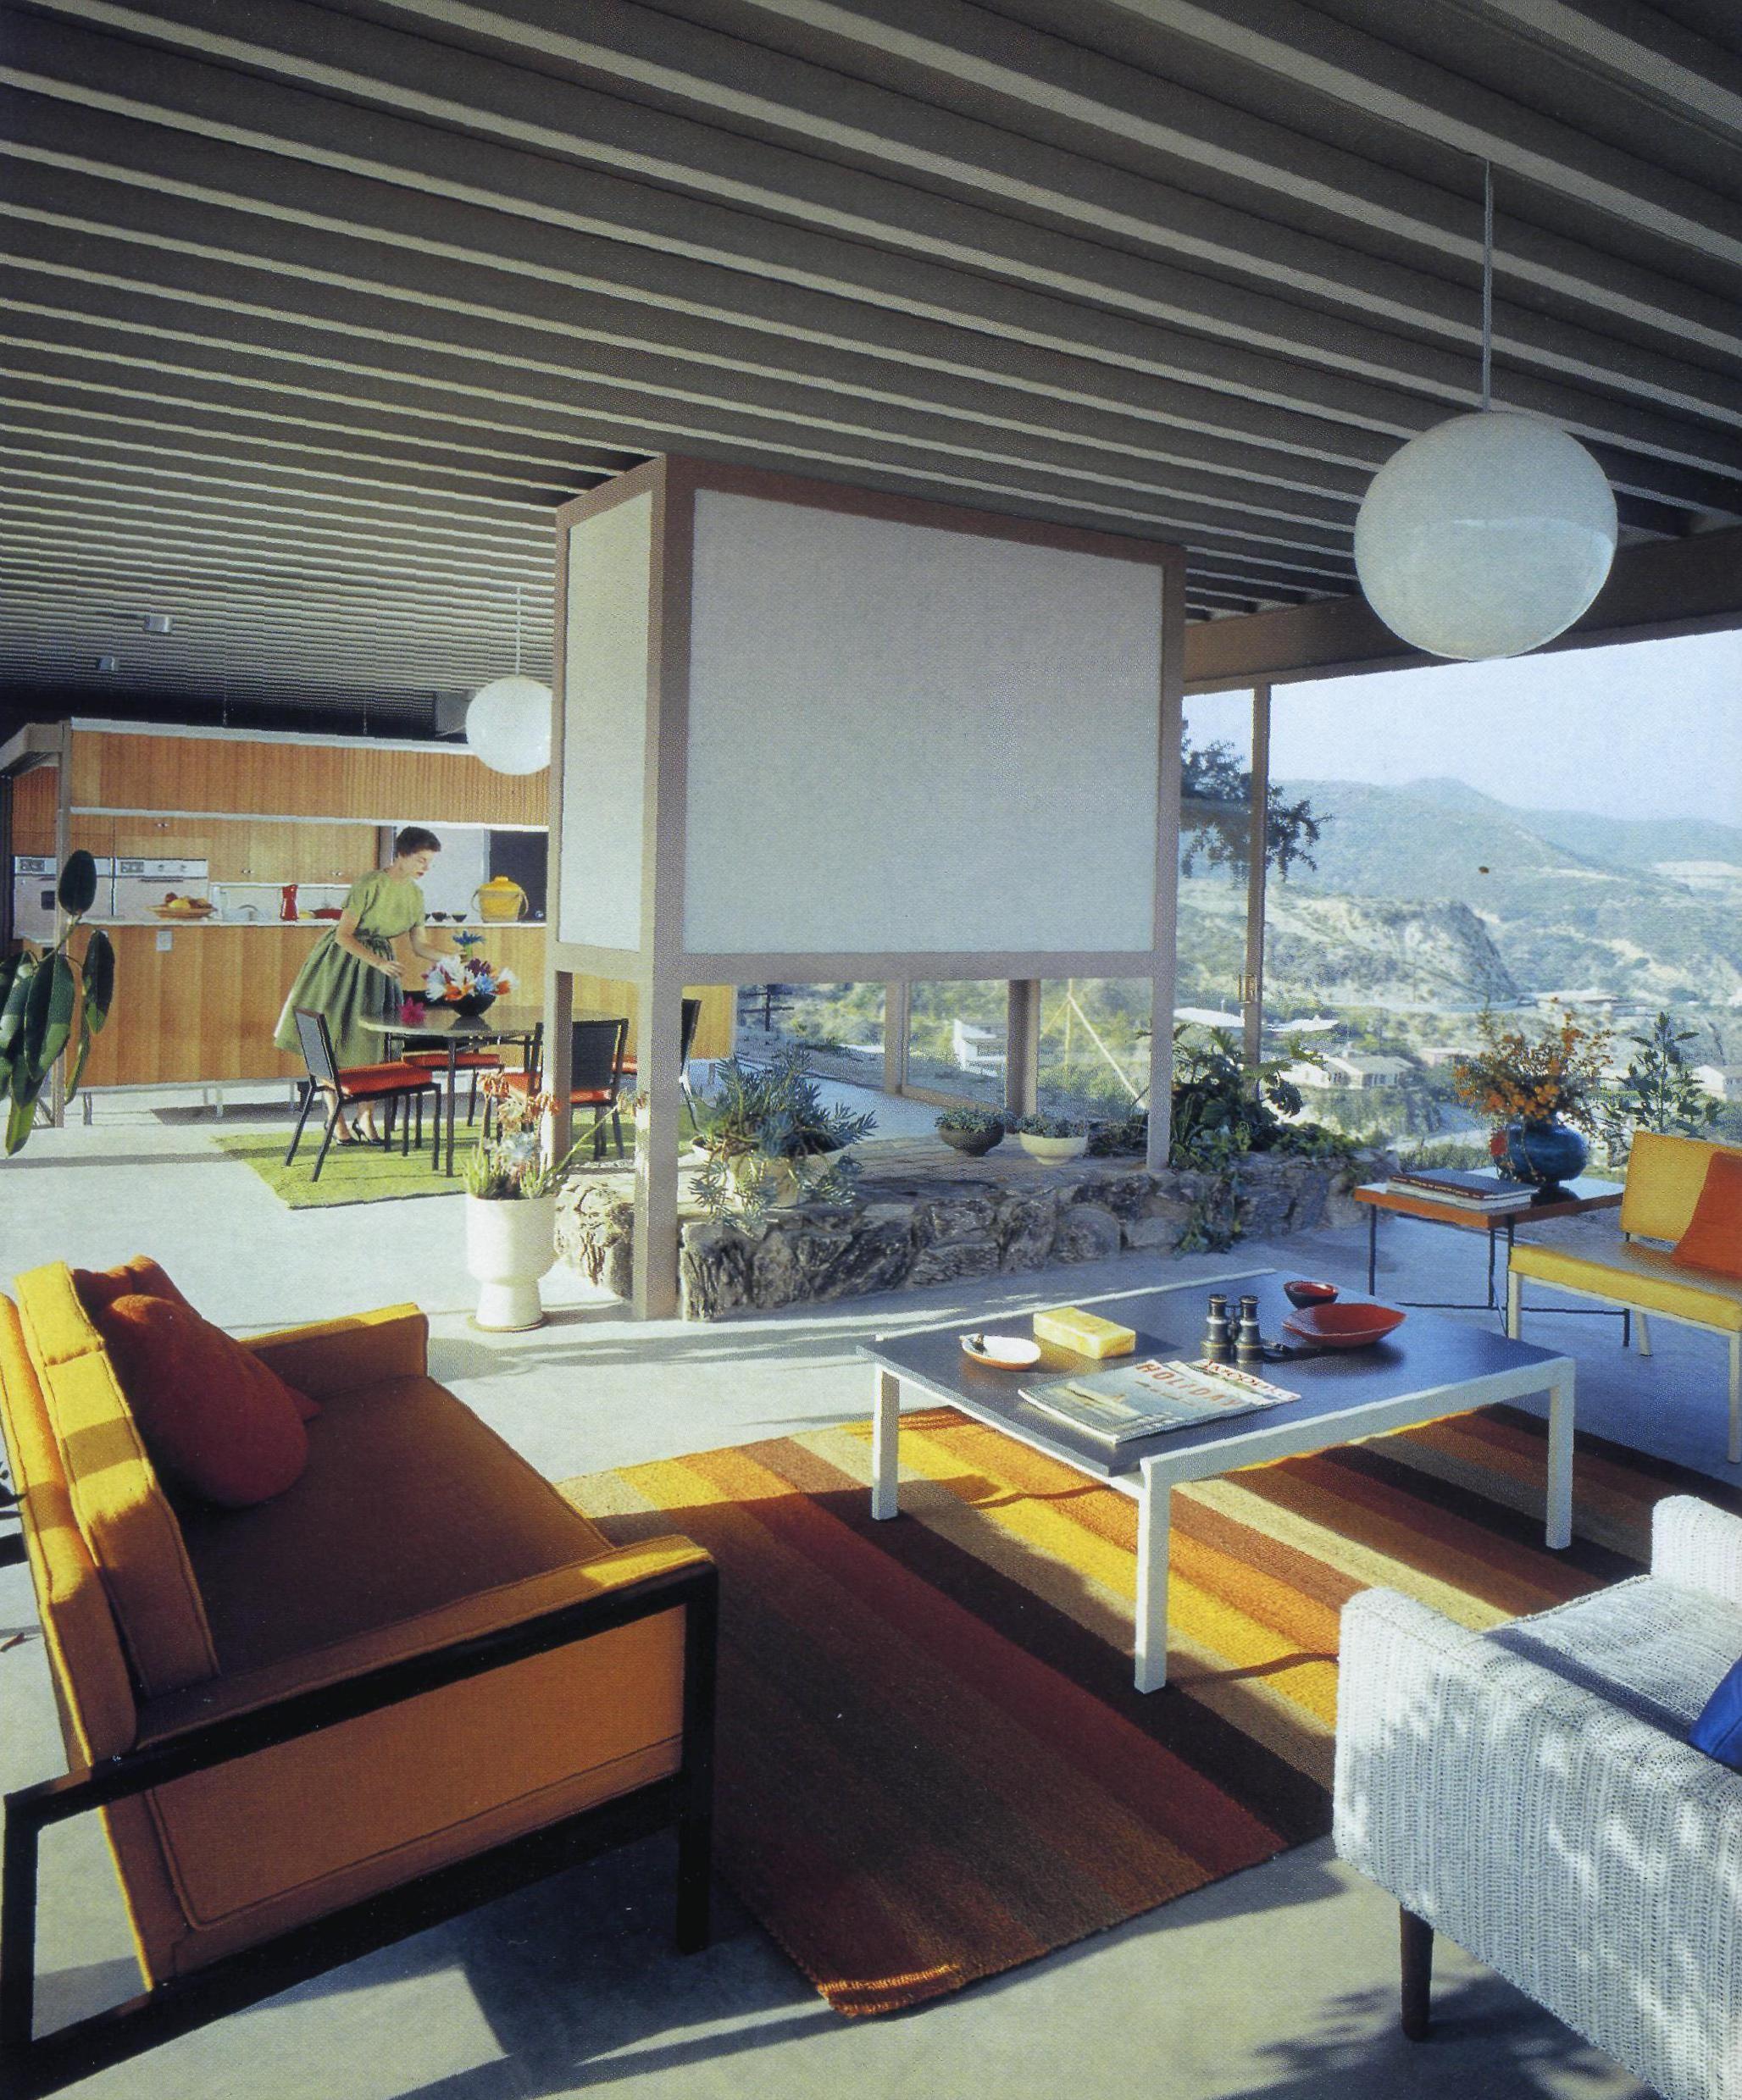 stahl house aka case study house 22 hollywood hills ca pierre moderne einrichtunghaus - Mitte Des Jahrhunderts Modernen Stil Zu Hause